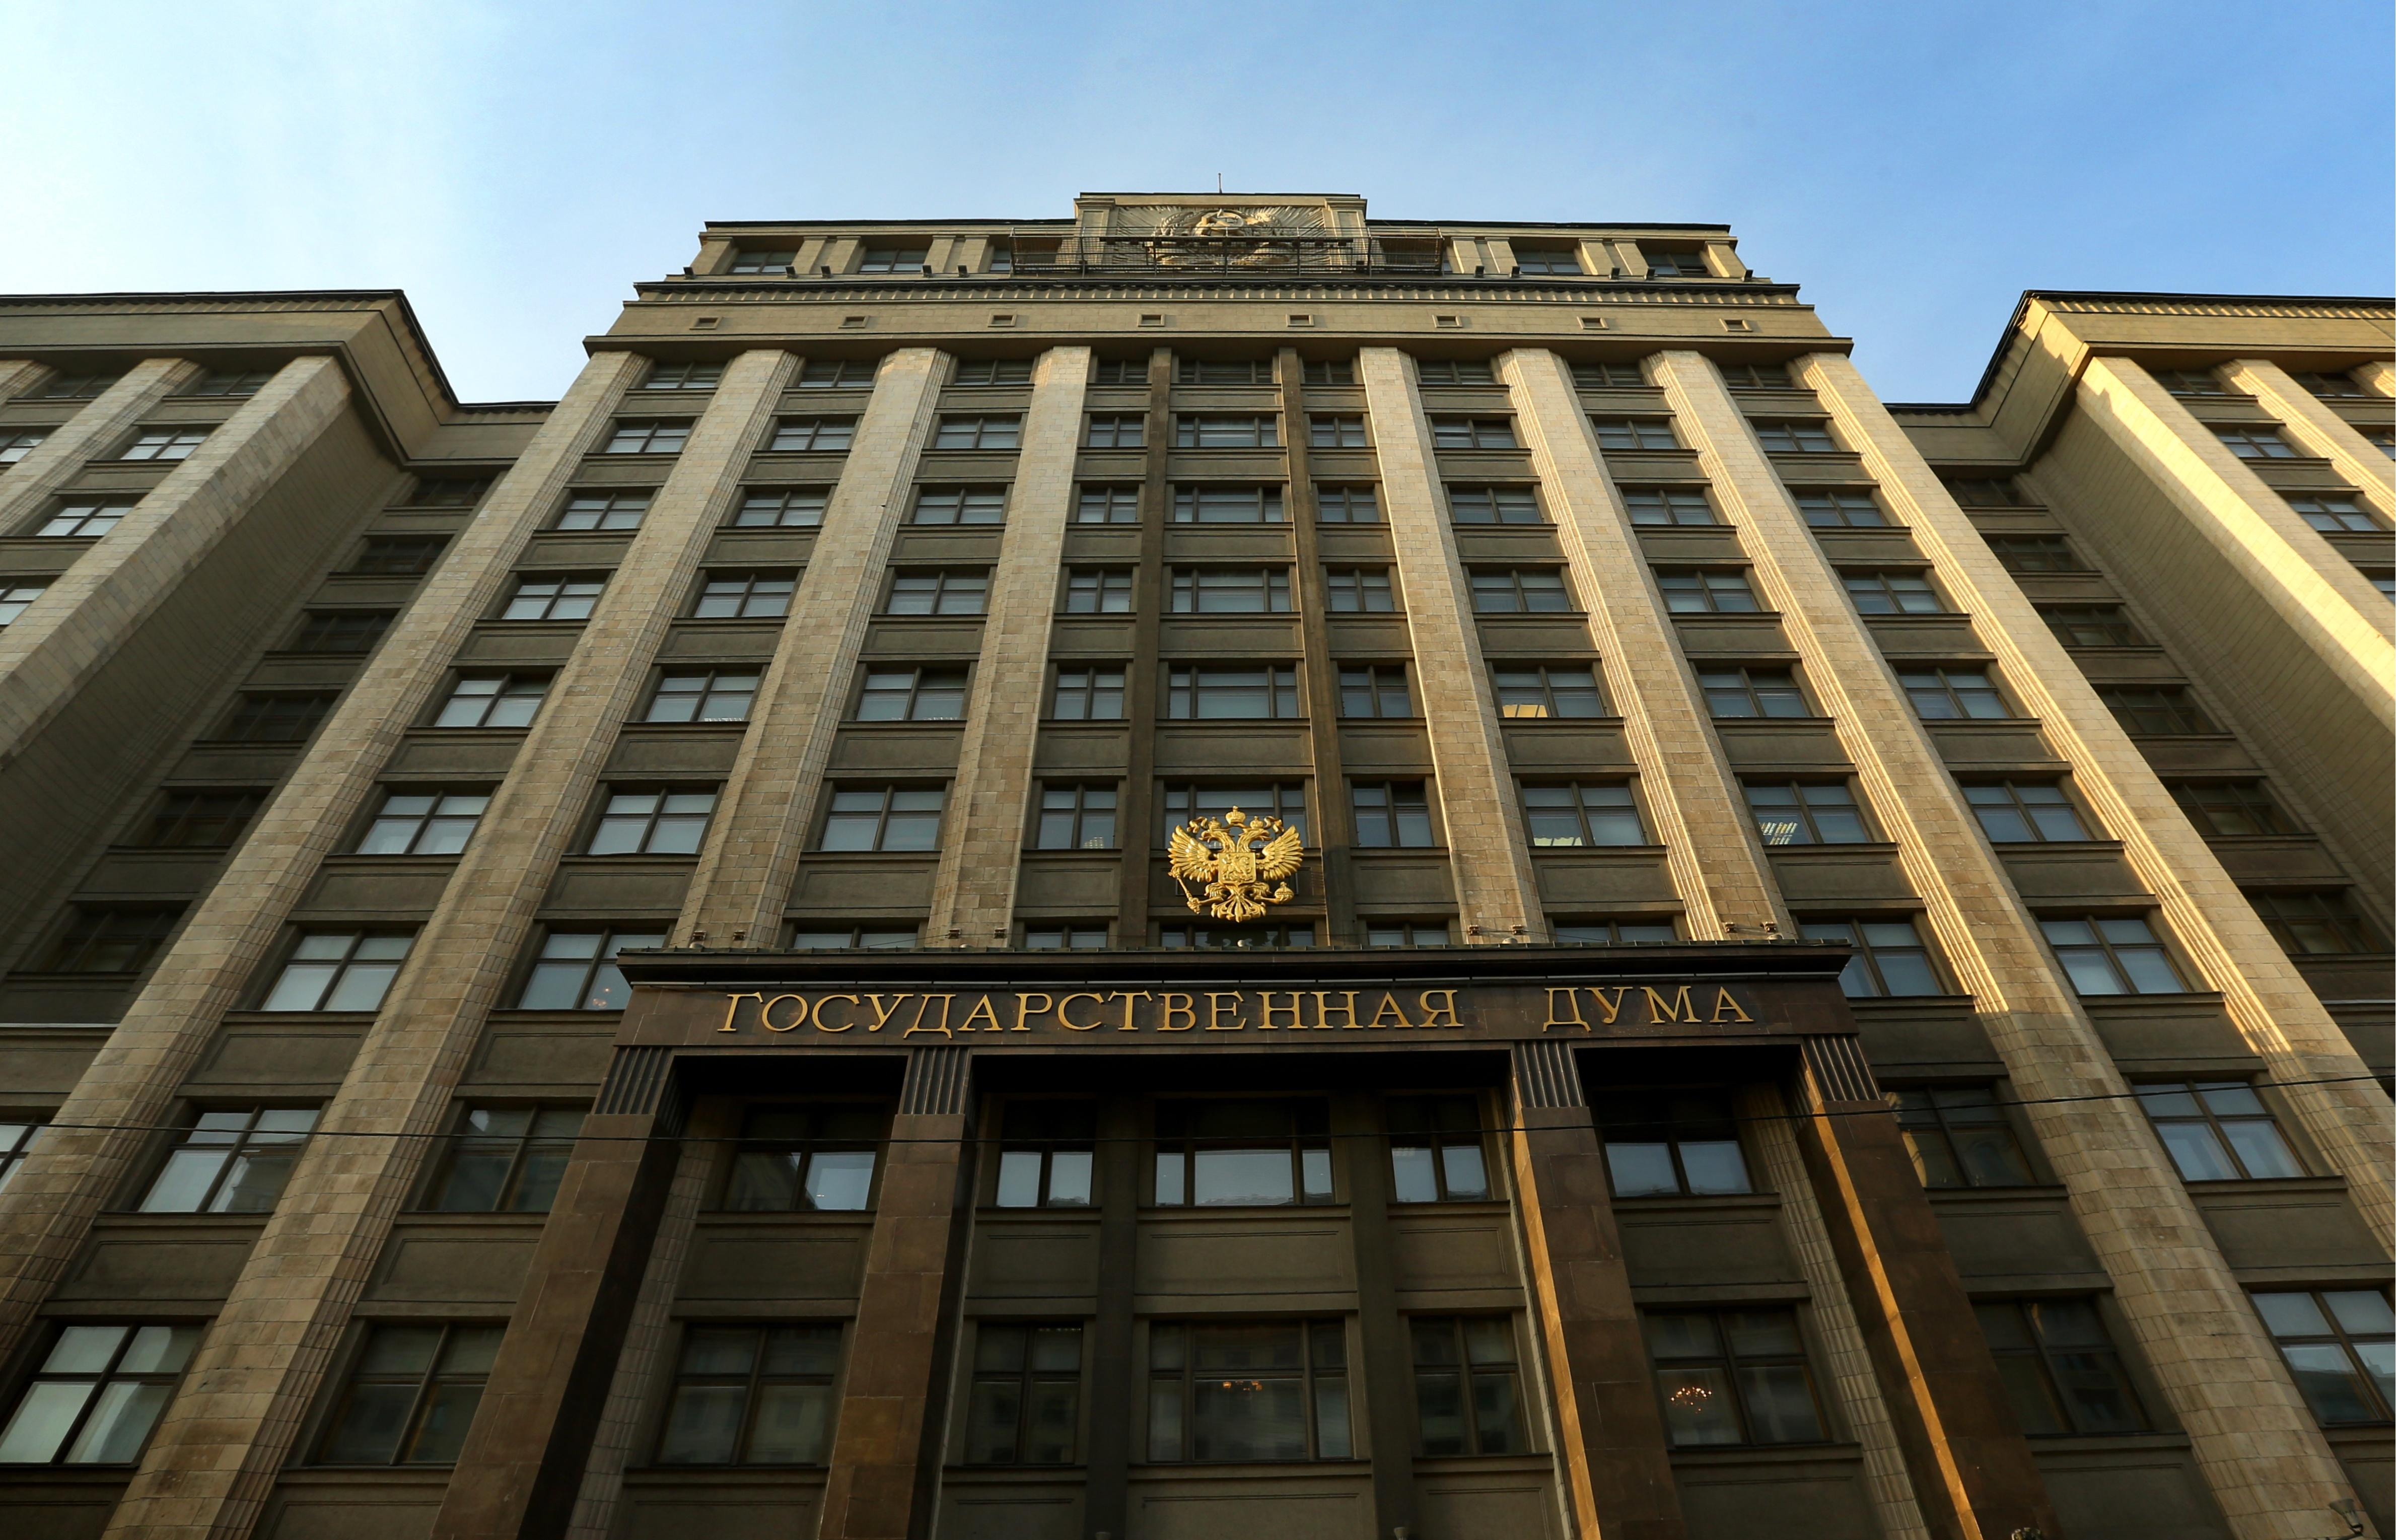 Какие новые законы вступят в силу с 1 марта 2020 года в России?